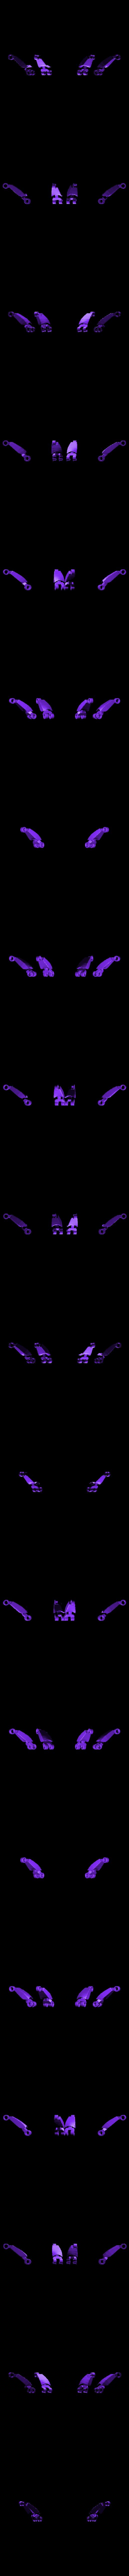 Leg_01.stl Download free STL file Posable Sci-Fi Tank - MK 01 • Design to 3D print, CarlCreates